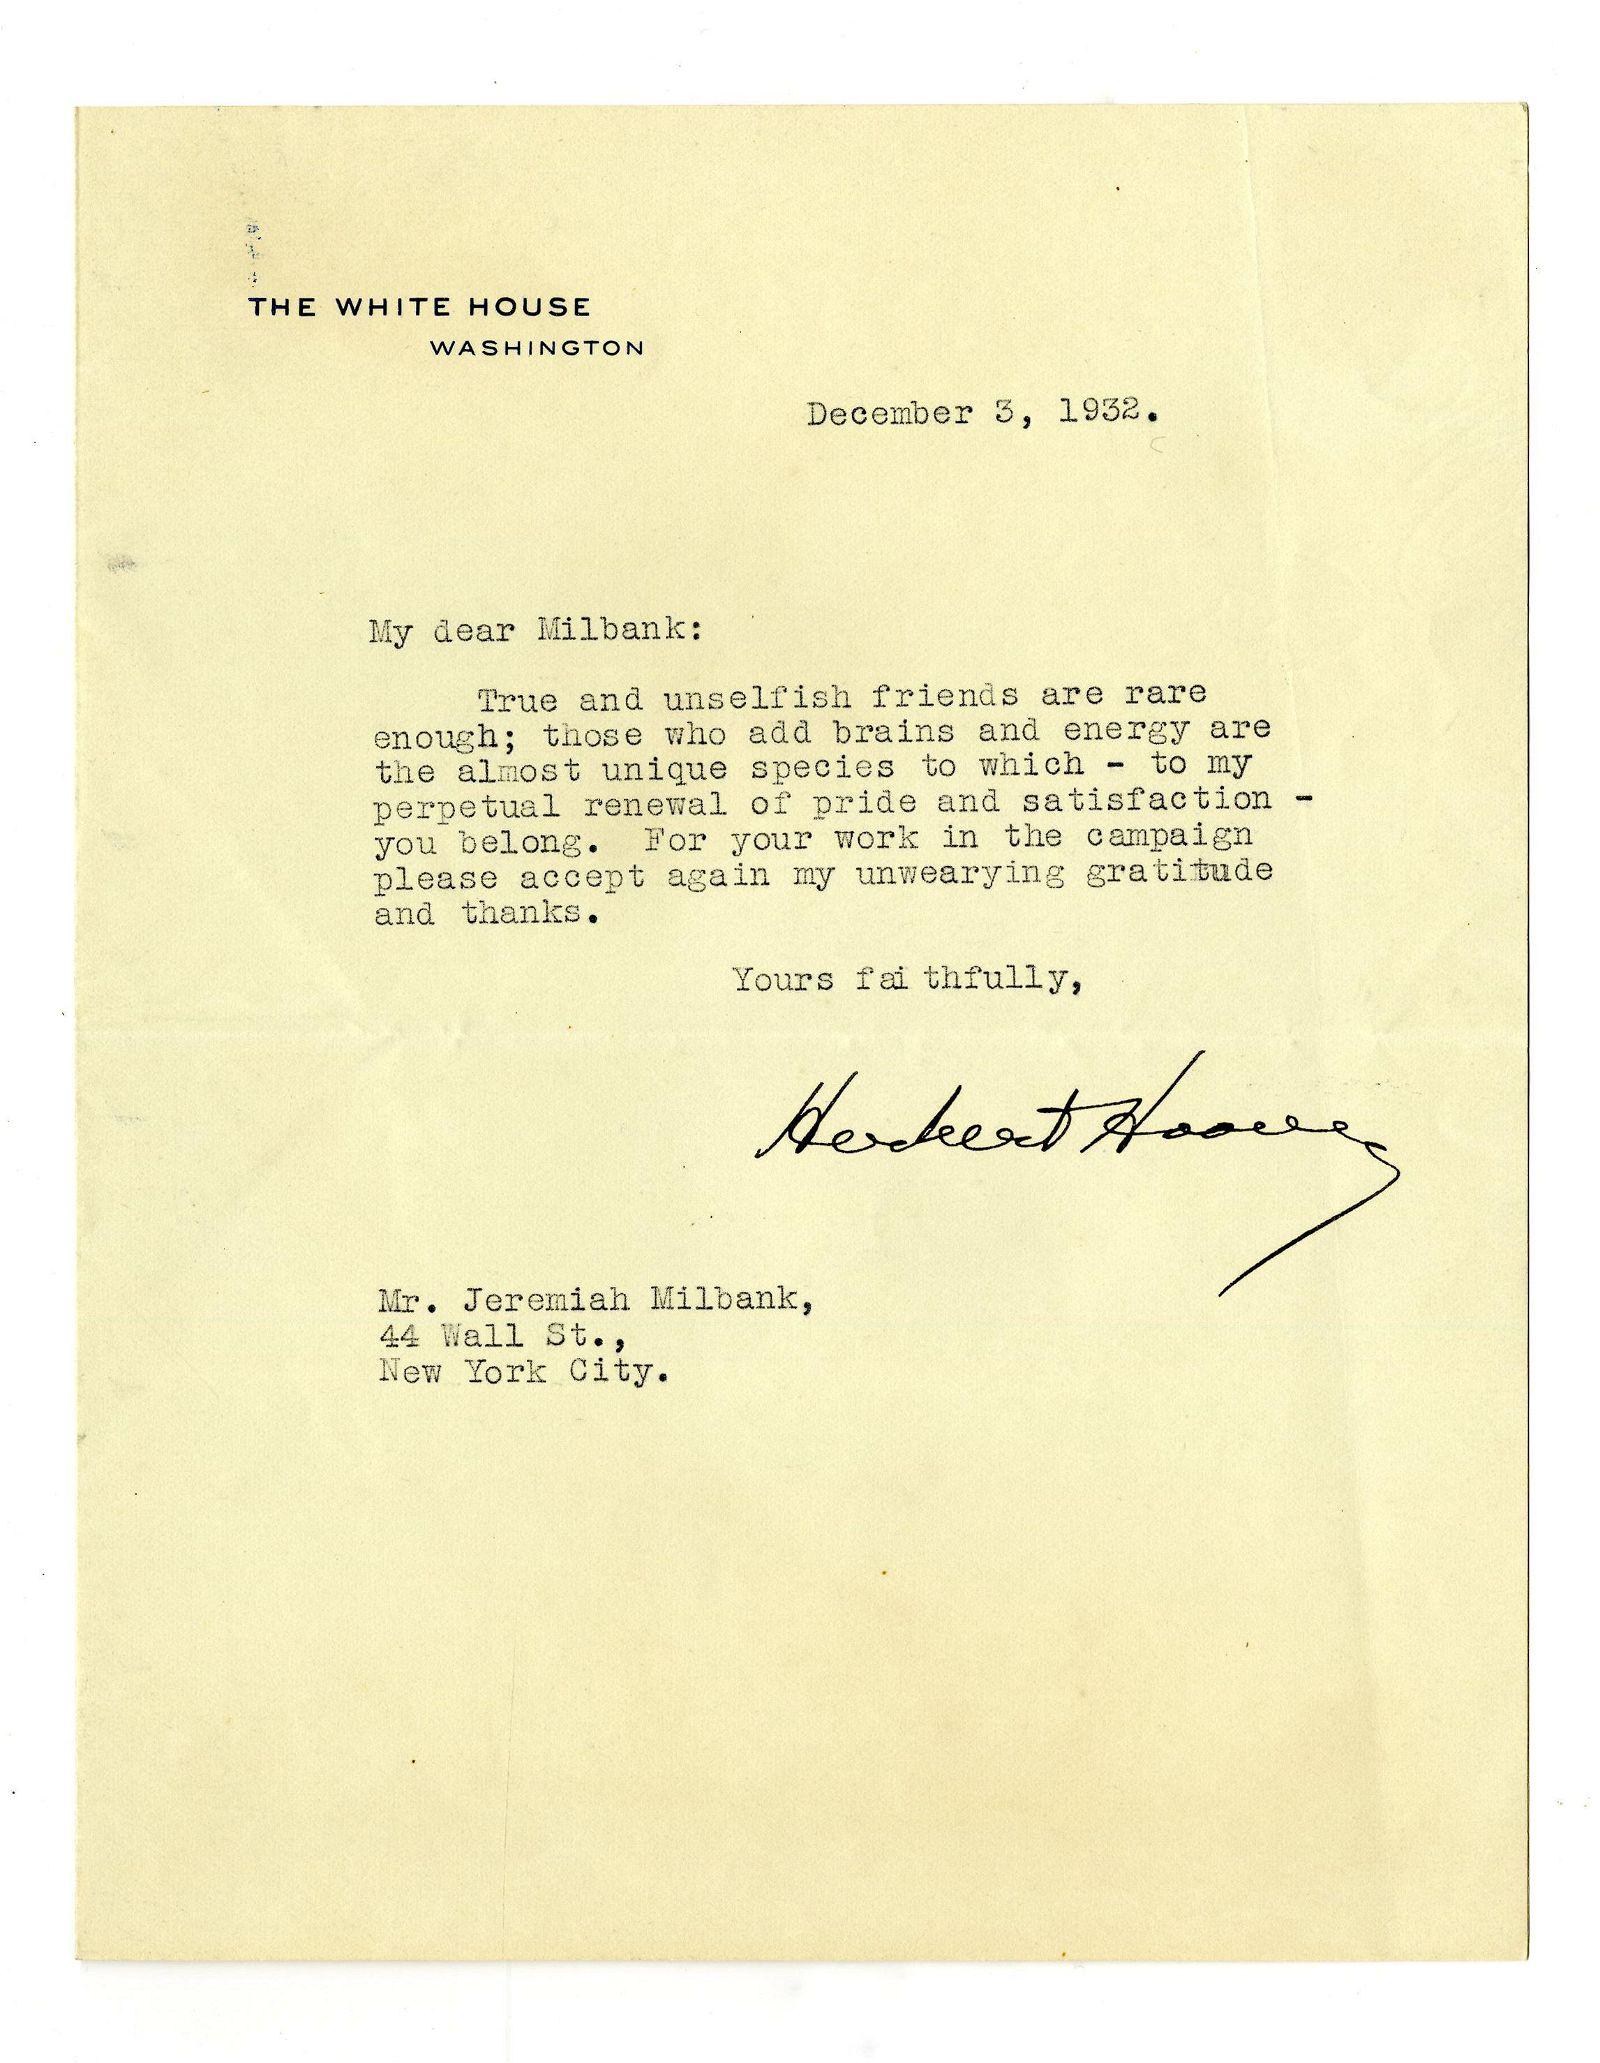 Herbert Hoover TLS on White House Stationery Re: 1932